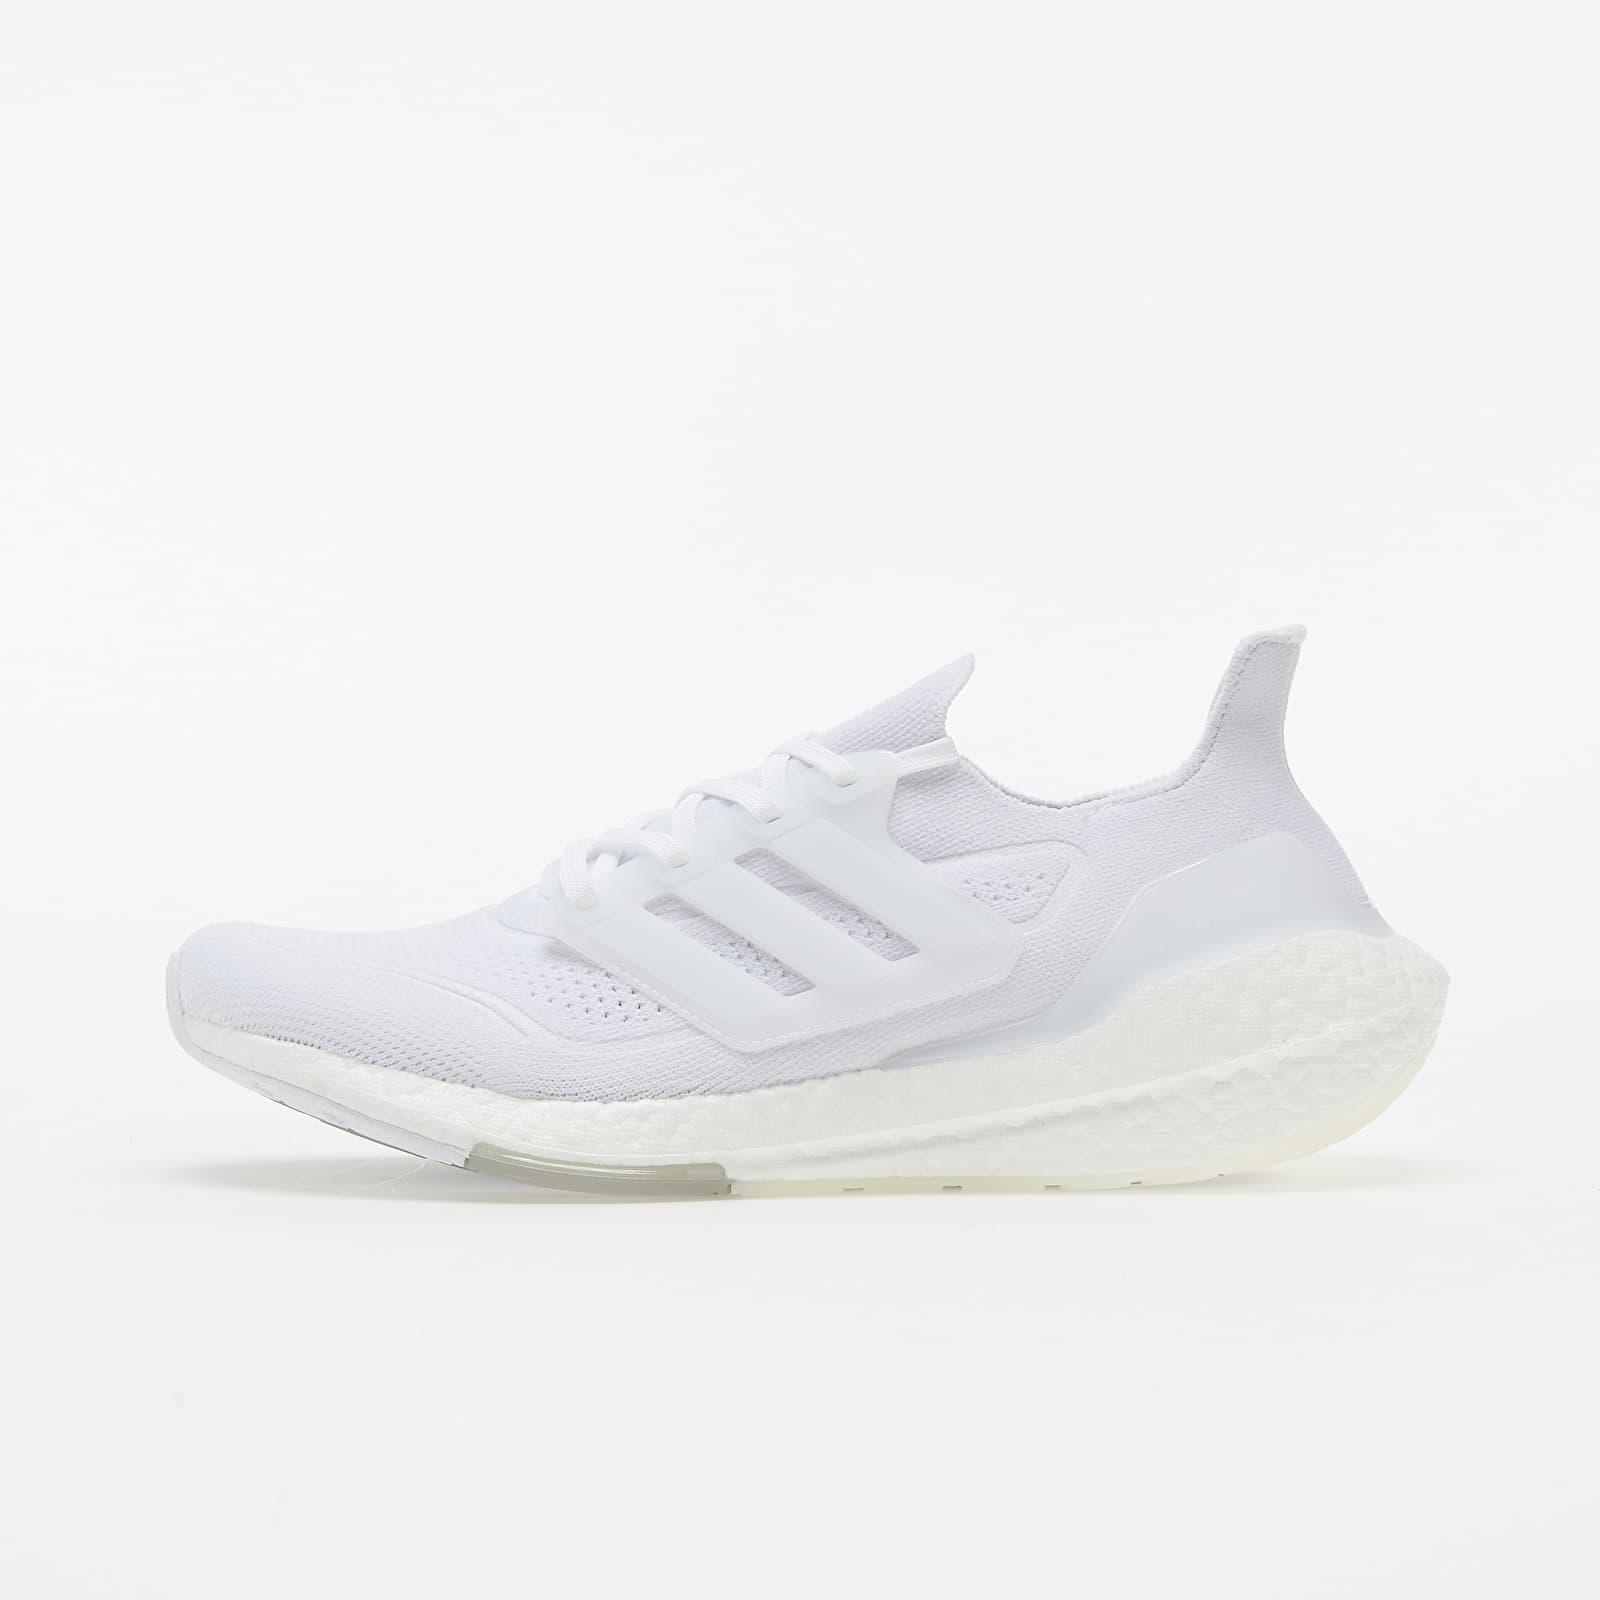 adidas UltraBOOST 21 Ftwr White/ Ftwr White/ Grey Three FY0379